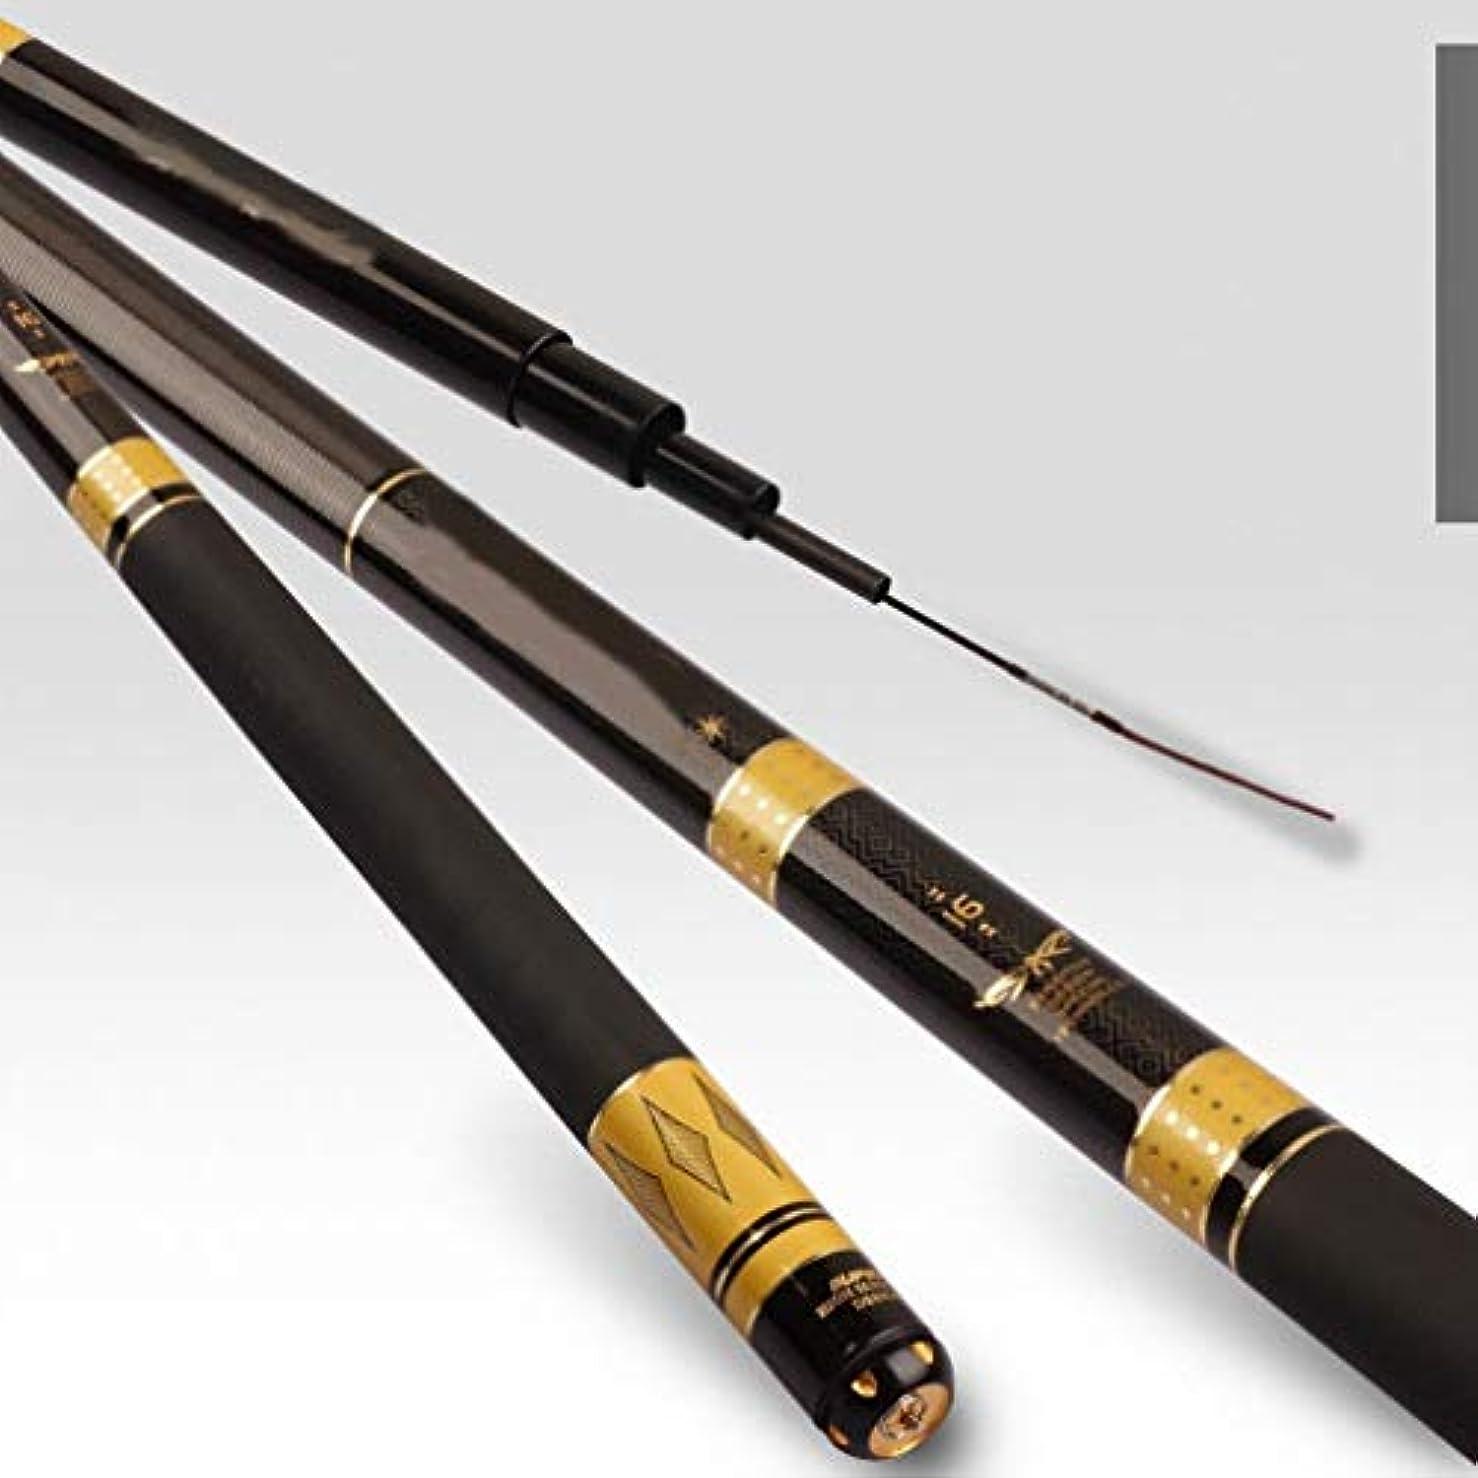 素晴らしいペネロペ窒素台湾釣り竿超軽量鯉レイロッド128チューン5時間3.9メートルブラックピットスポーツ6.3メートルブラックピット釣り竿19チューンロッド、5.4m